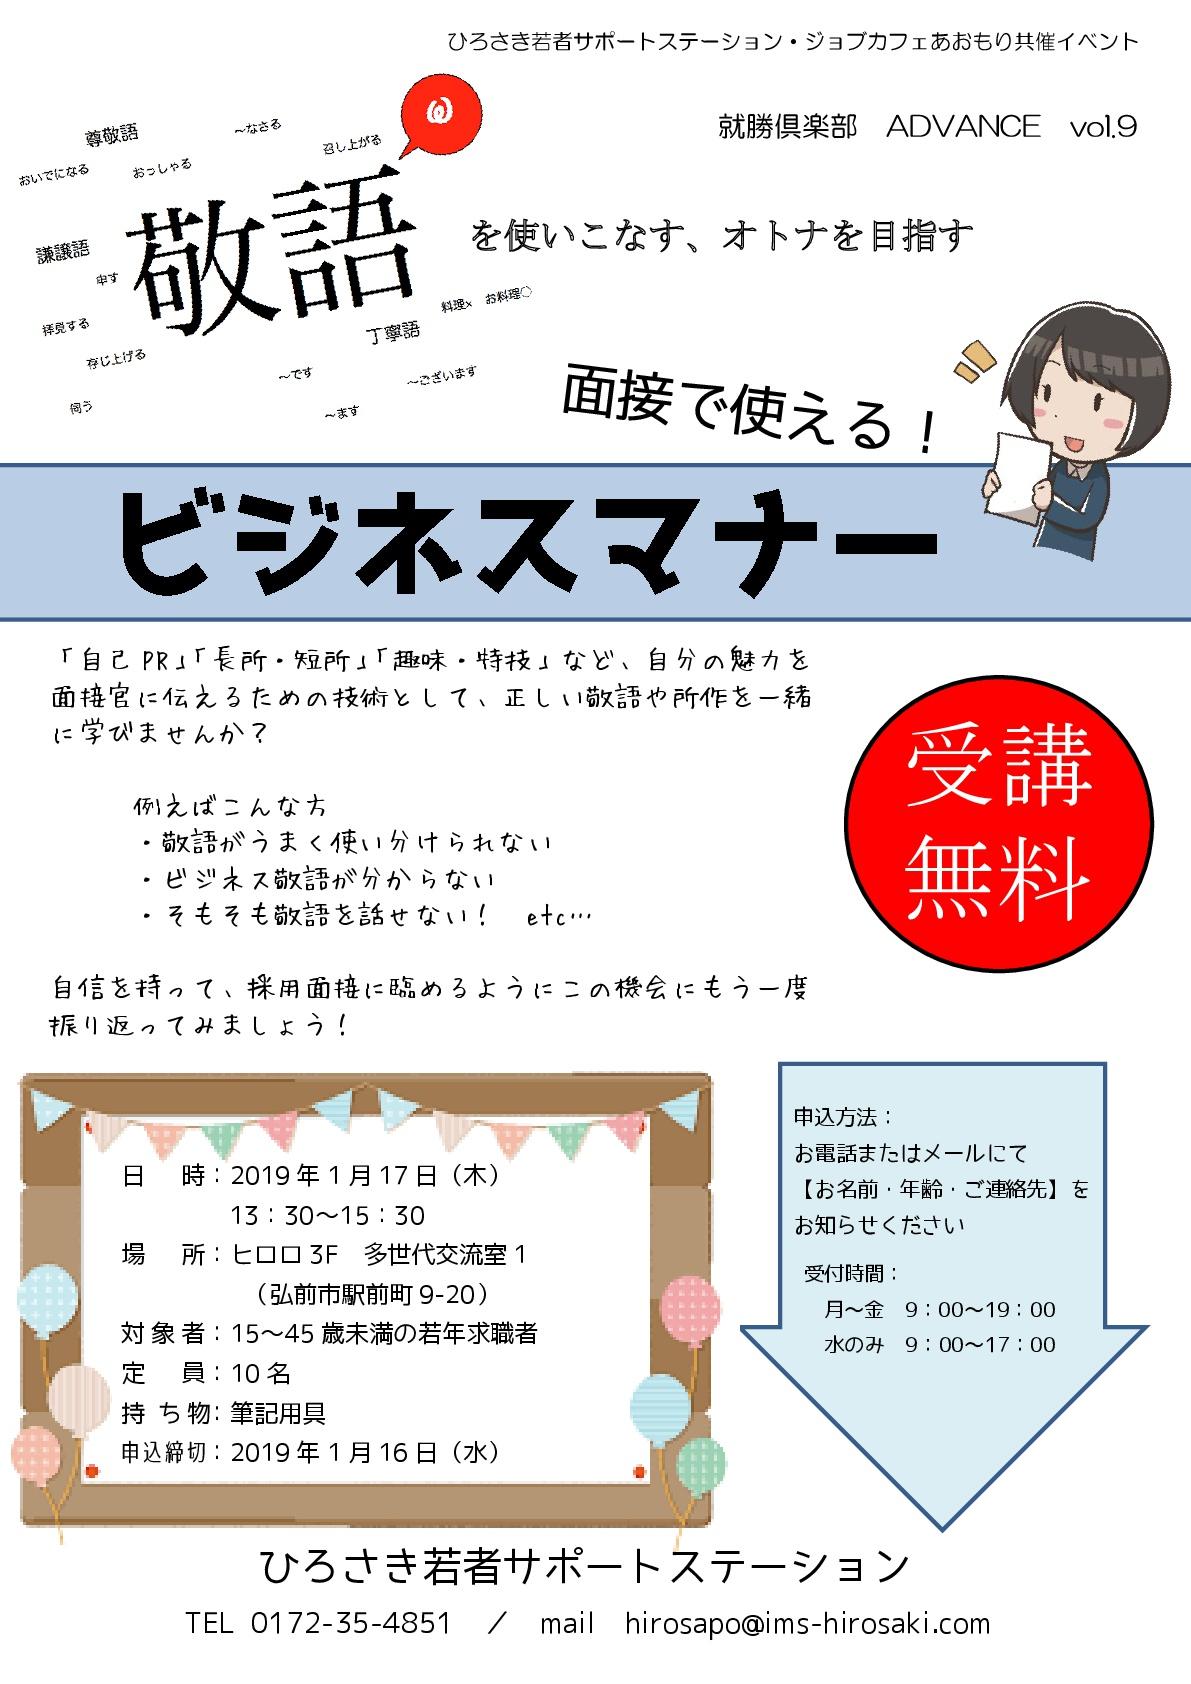 就活倶楽部ADVANCE vol.9-001.jpg